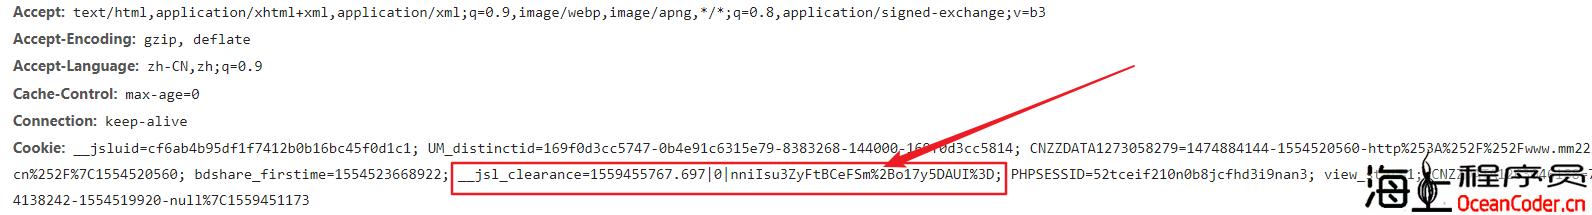 关于某网赚网盘通过js加密cookie从而限制抓取网页源码的解决办法